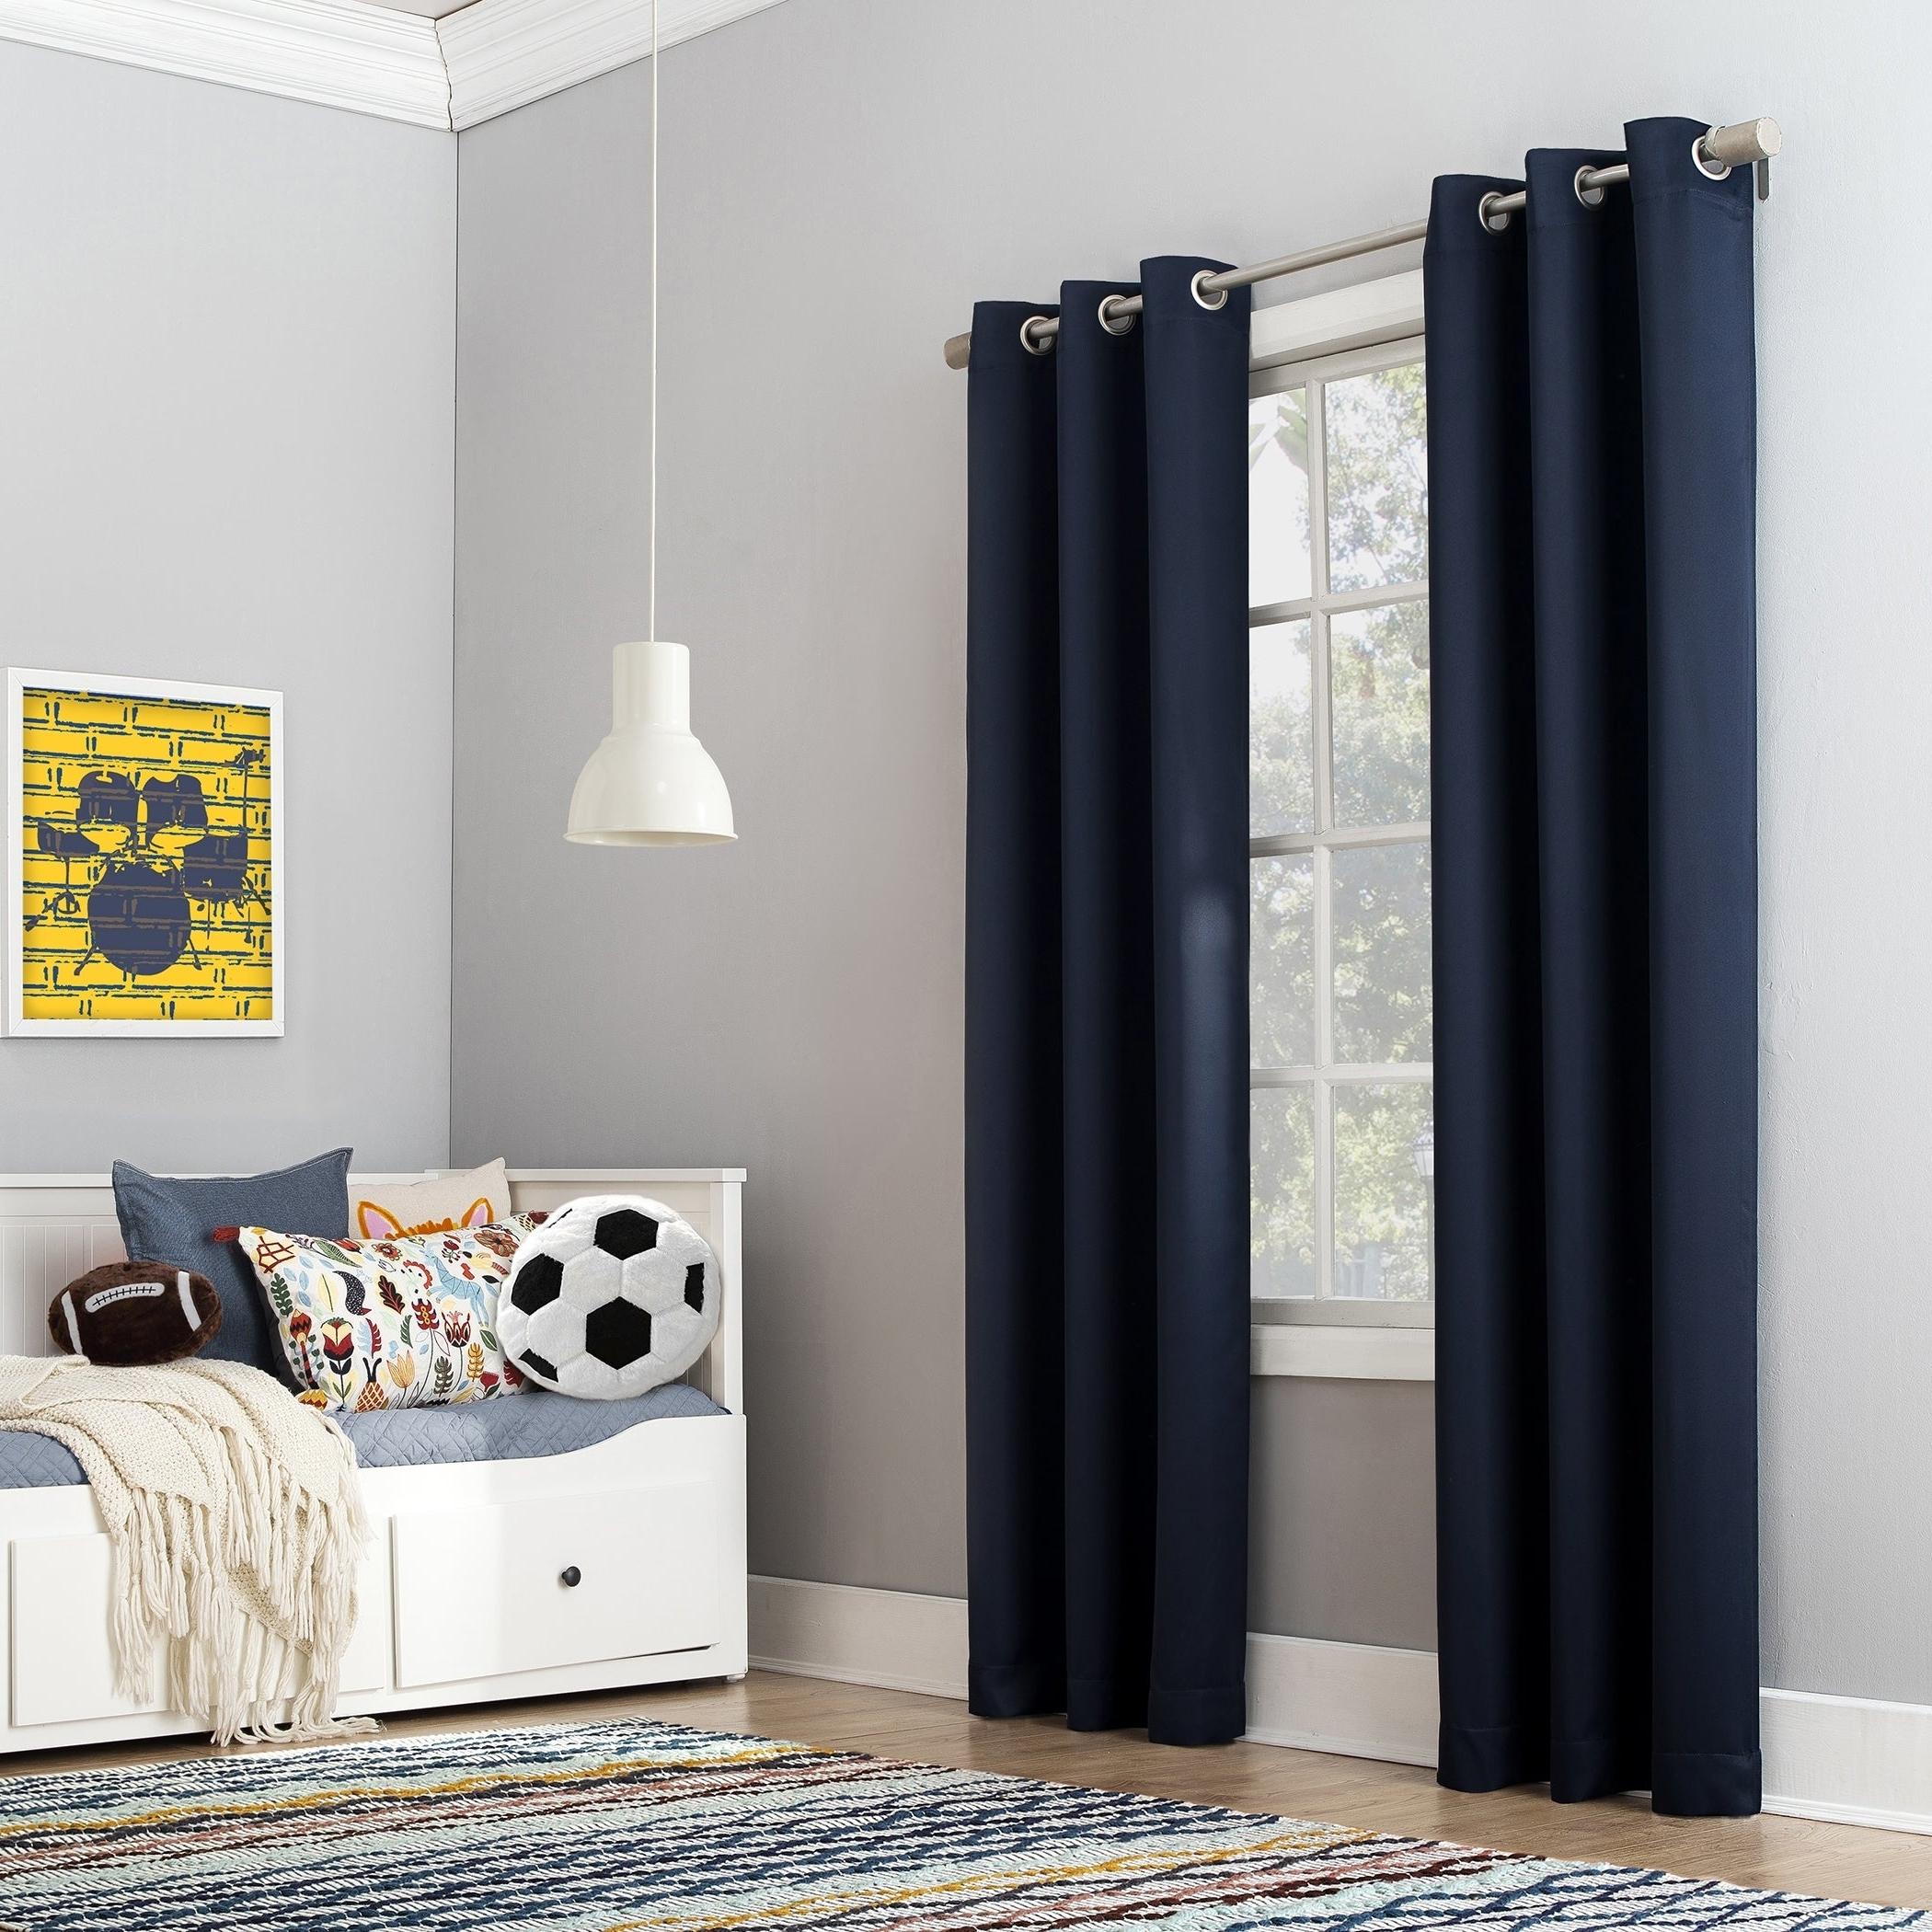 Blackout Grommet Curtain Panels For Famous Details About Sun Zero Riley Kids Bedroom Blackout Grommet Curtain Panel (View 18 of 20)